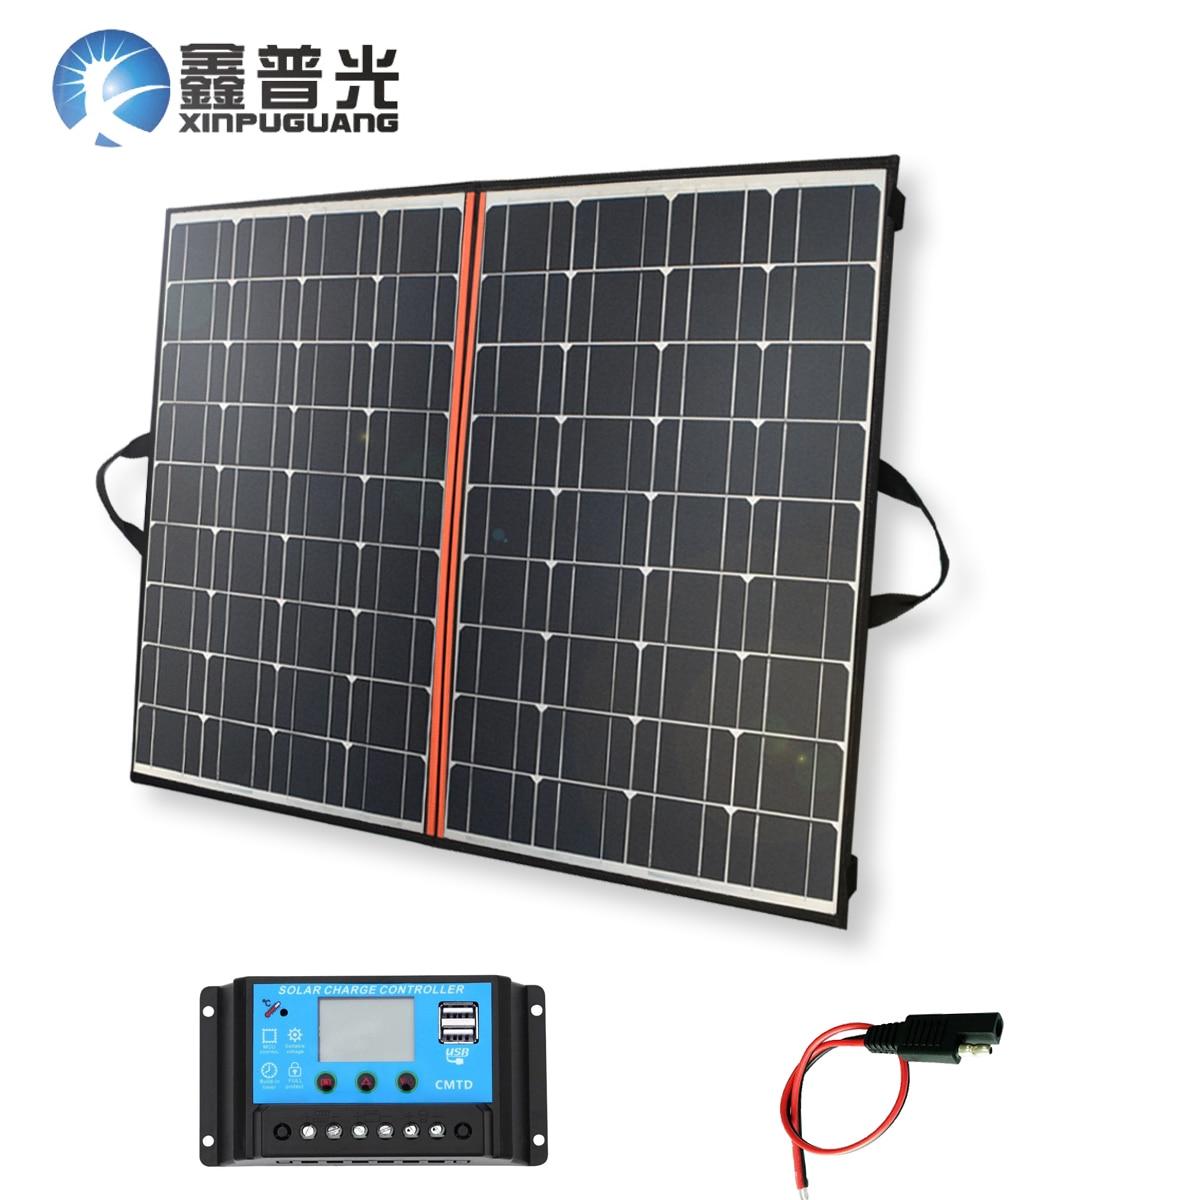 Xinpuguang Flexible panneau solaire 140 W 70 W * 2 18 V 150 W chargeur de maison pliable Mono cellule solaire avec 12 V/24 V 10A contrôleur sac solaire batterie telephone chargeur pour telephone souple exterme